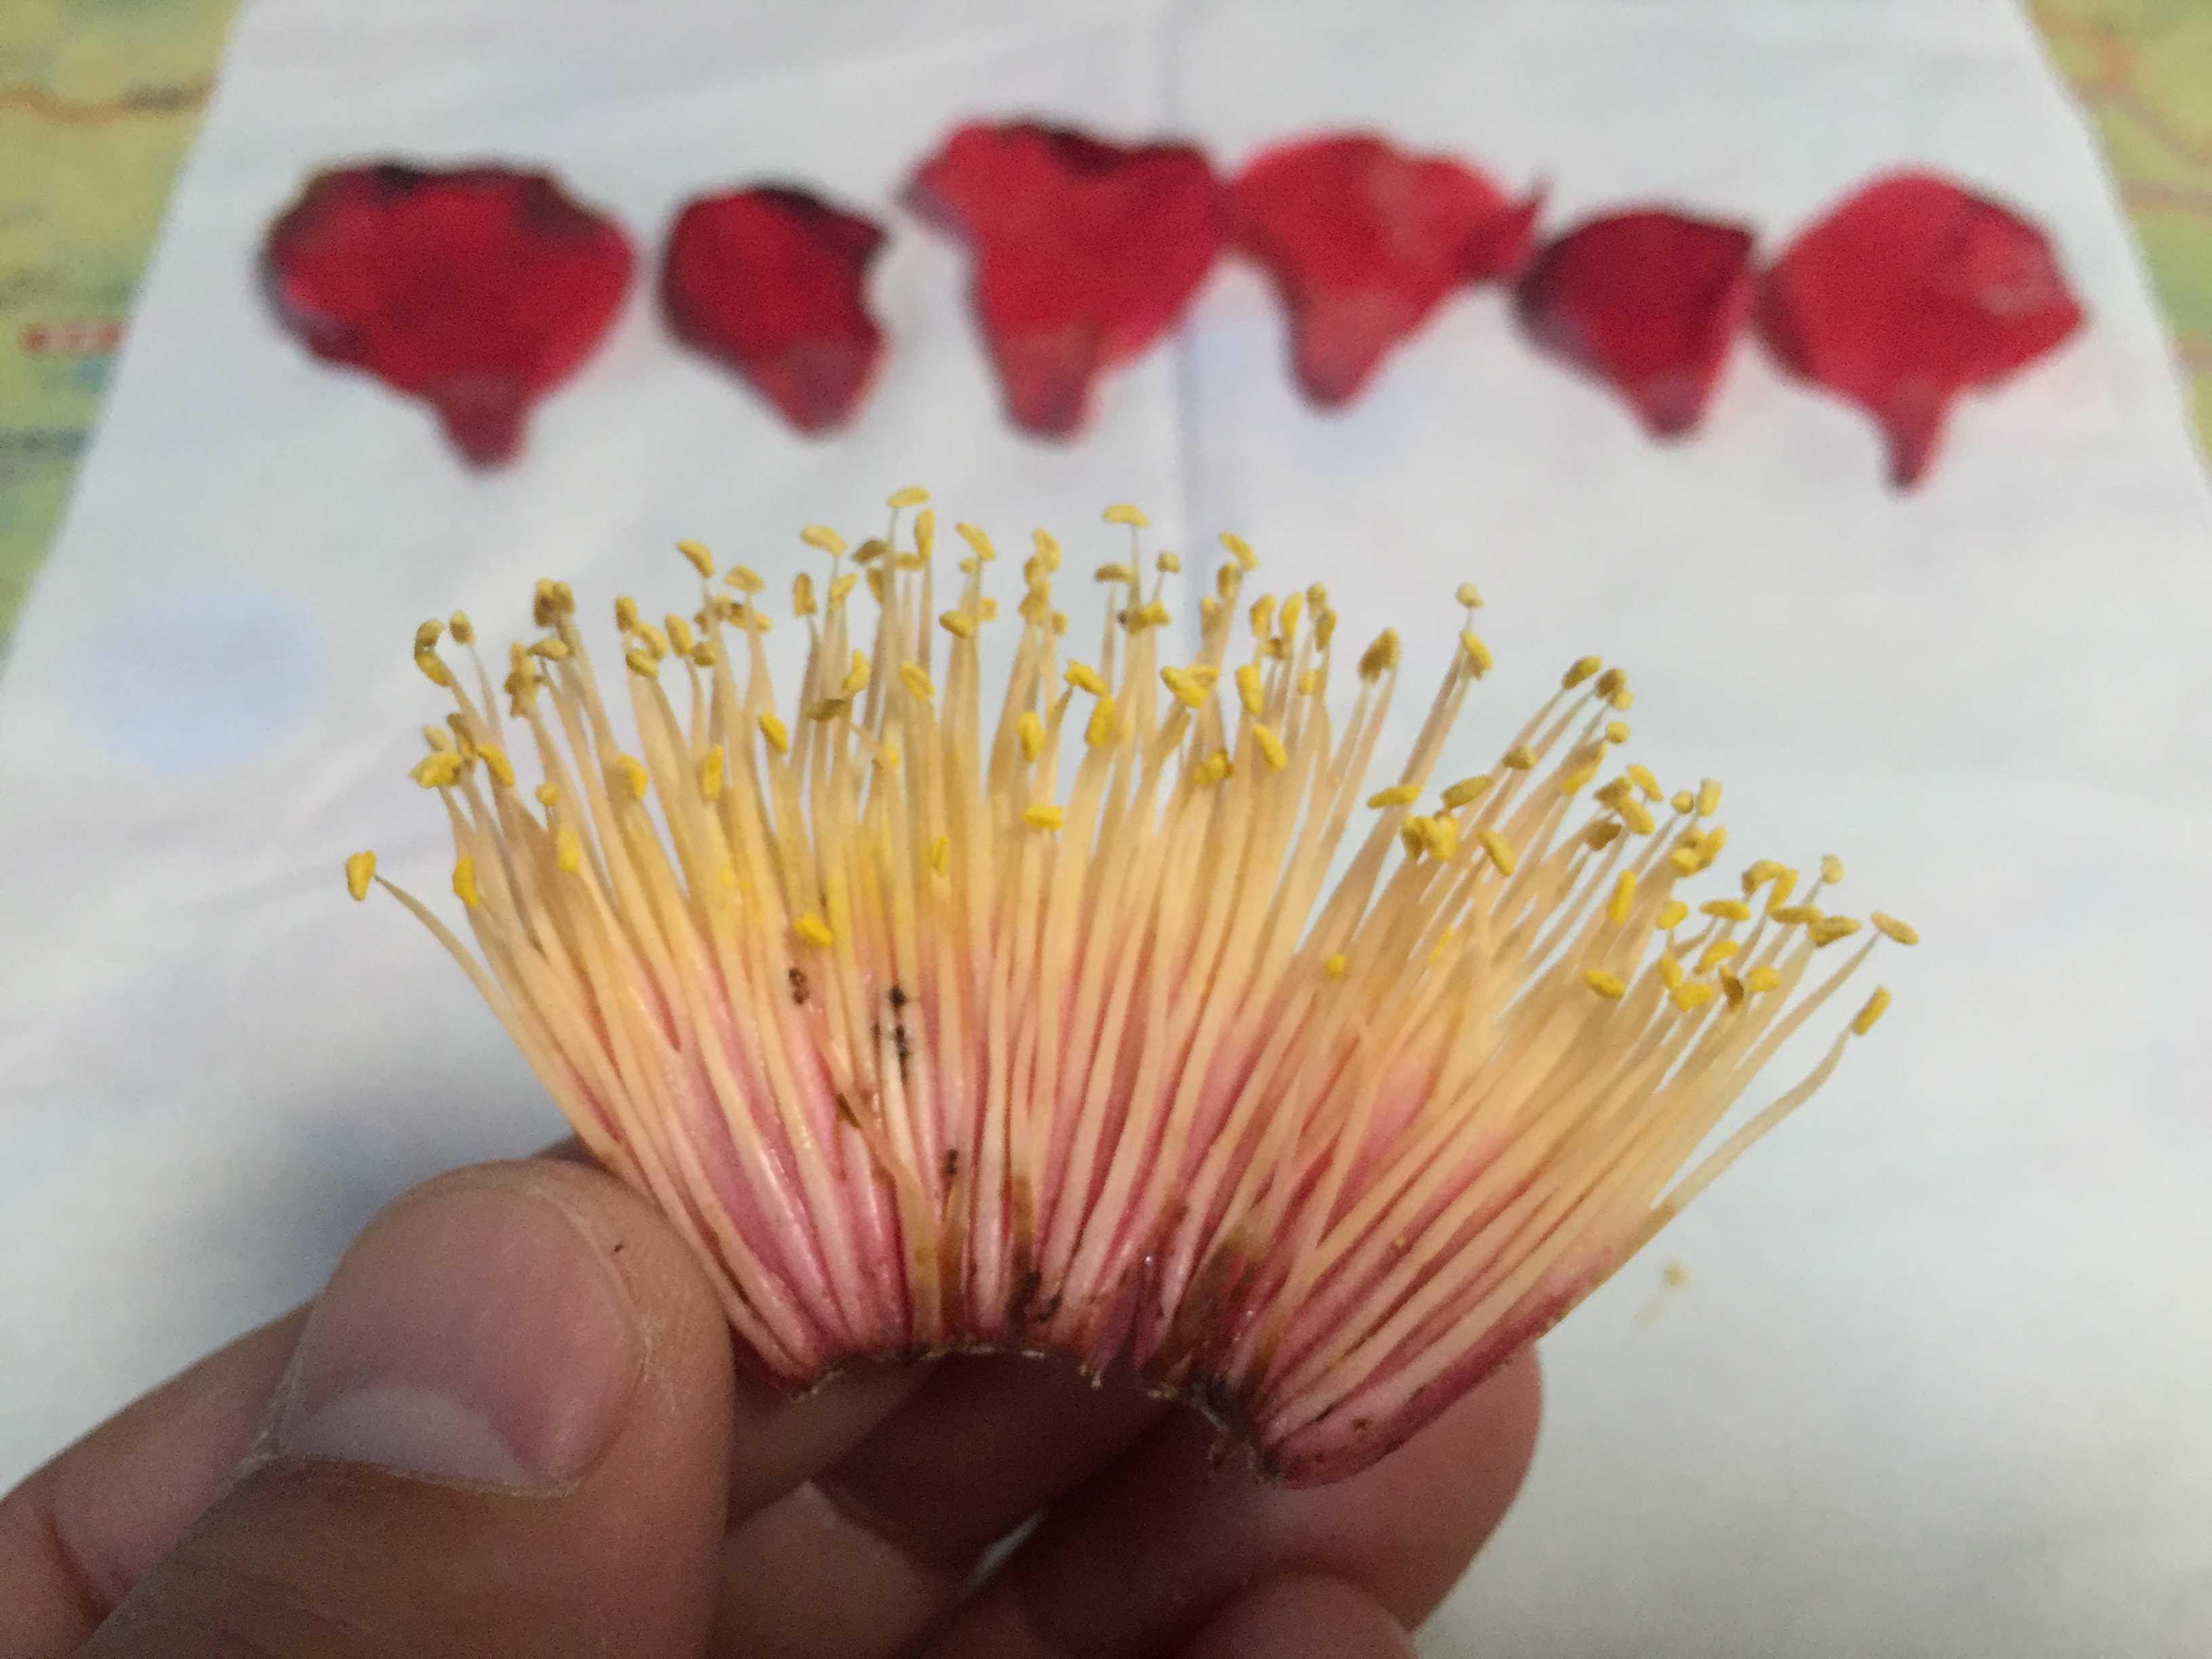 玉之浦椿 - ツバキのおしべ、めしべ、花弁(花びら)の数